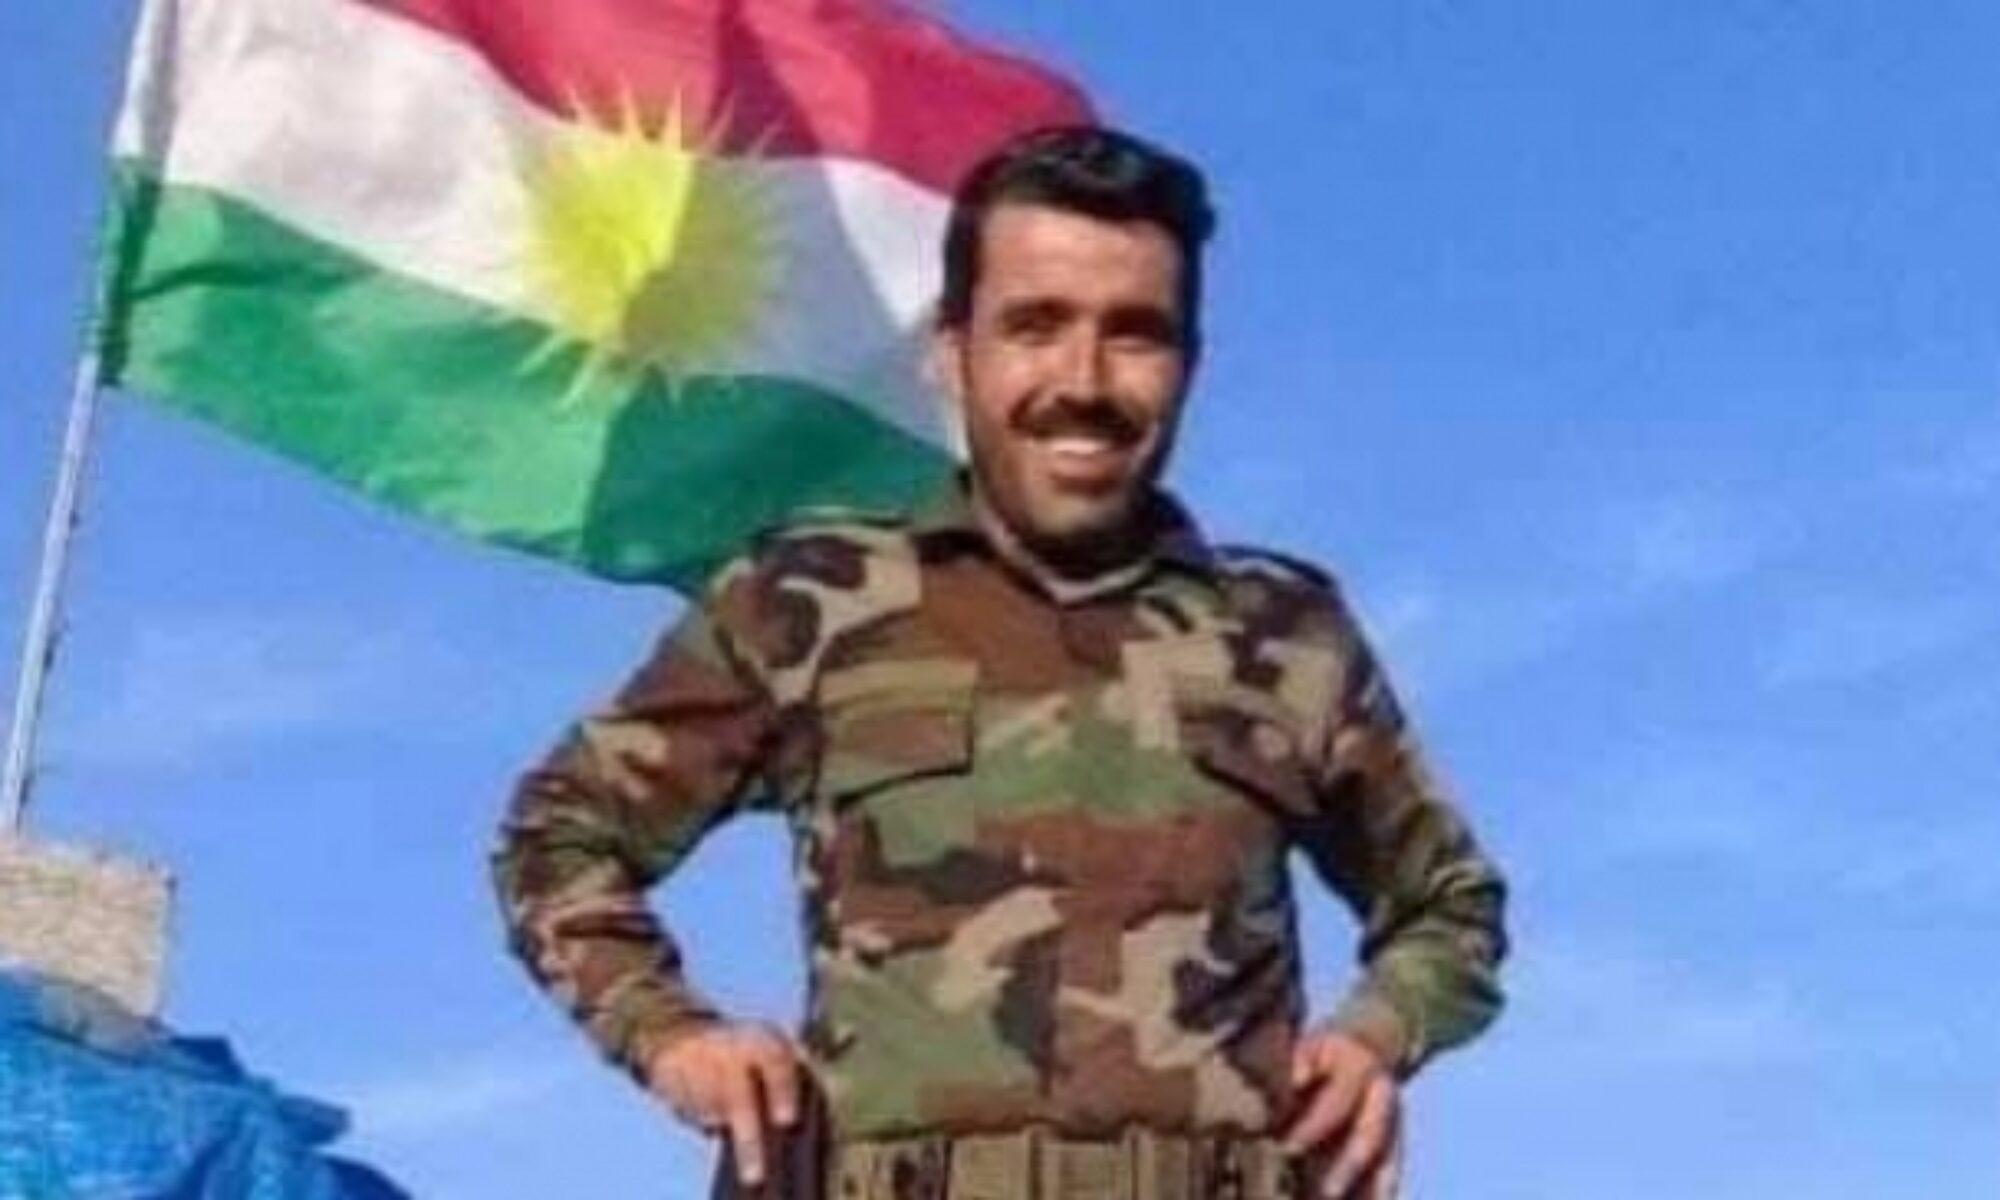 """Pirde'de şehit düşen peşmergelerin aileleri: """"Kürdistan topraklarını savunurken şehit düştüler onlarla gurur duyuyoruz"""""""